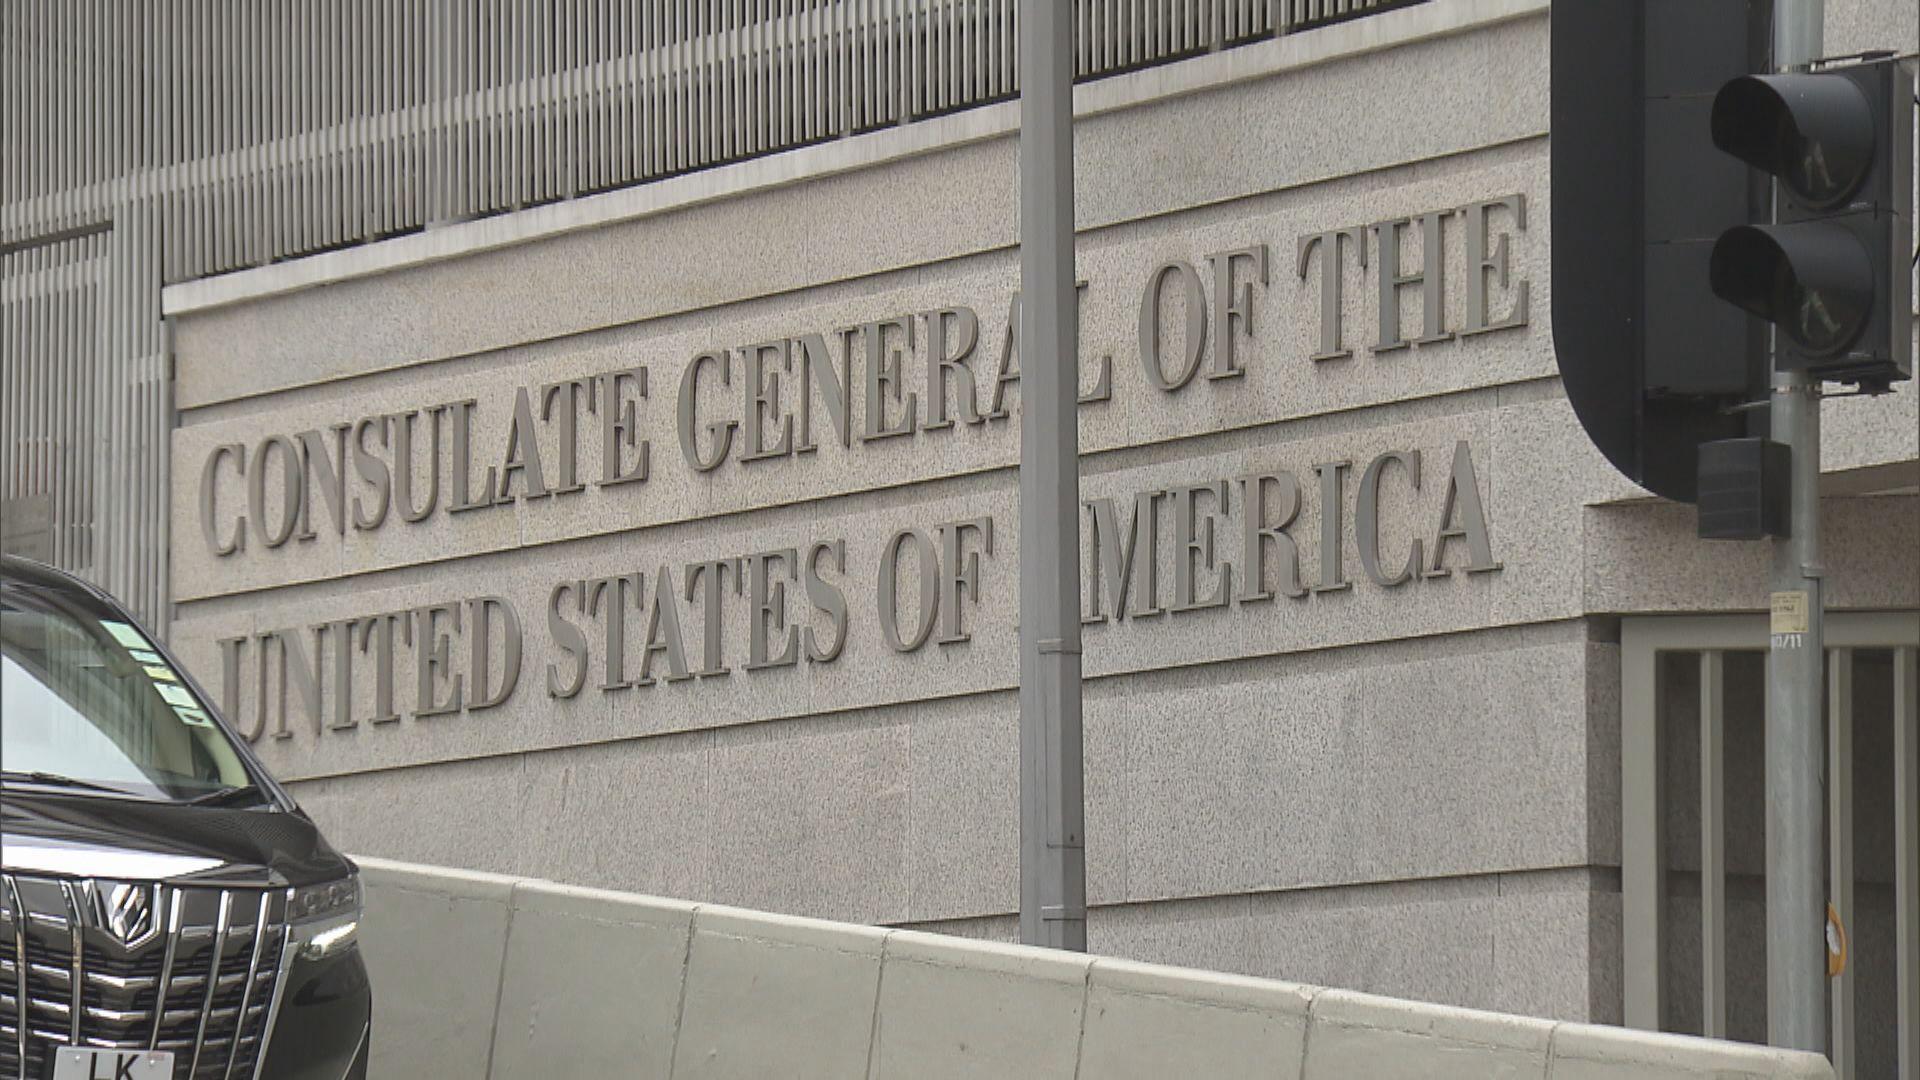 美駐港總領事館周四起 除急需出行外取消所有簽證約見